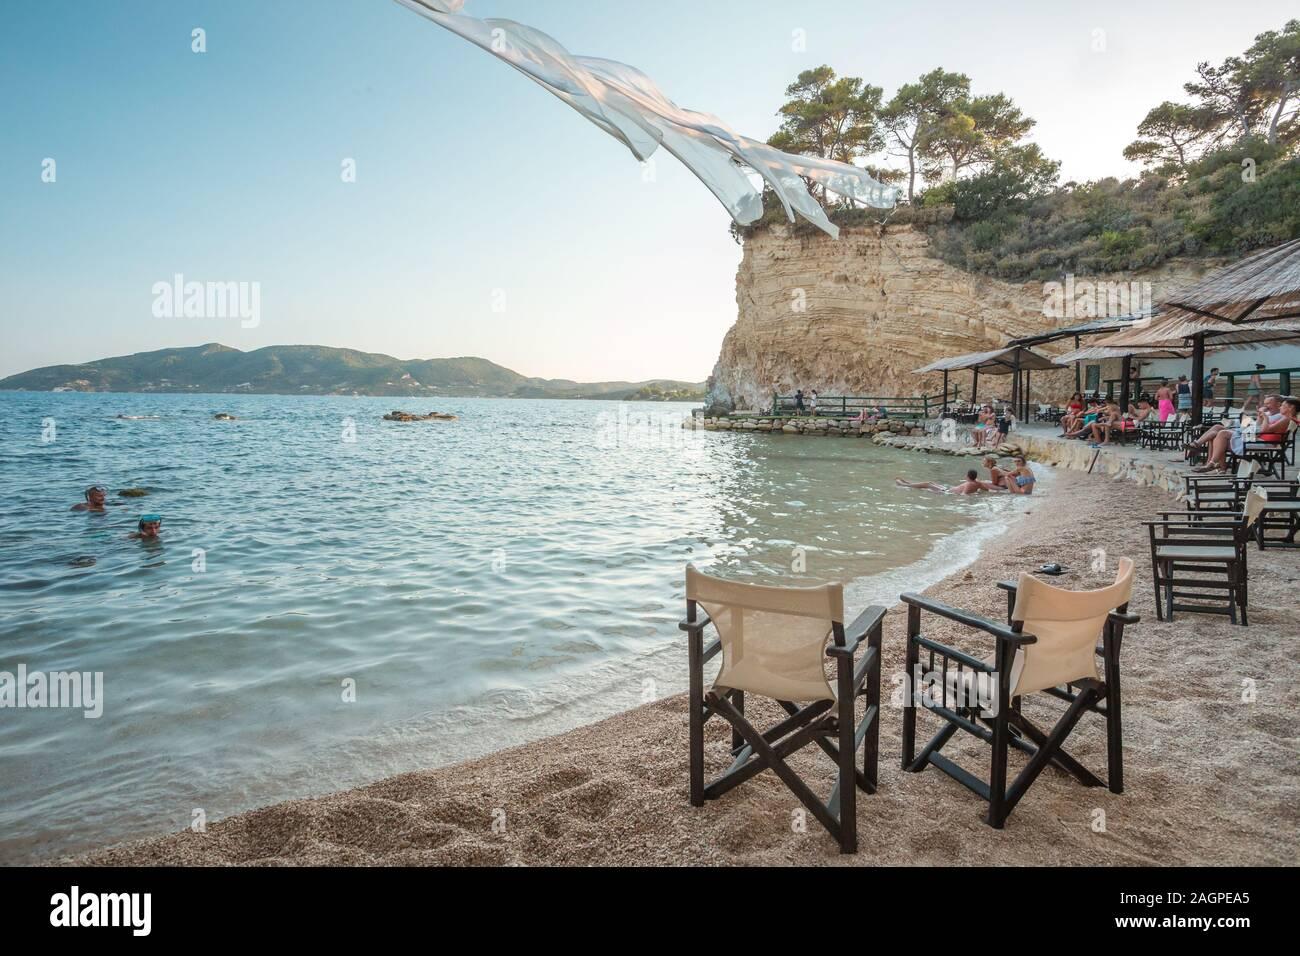 Isla de Cameo, en Grecia, en agosto de 2019, Isla de Cameo, isla privada en las costas de Laganas, Zakynthos con romántico, cuerda con sábanas blancas. Famosos Foto de stock